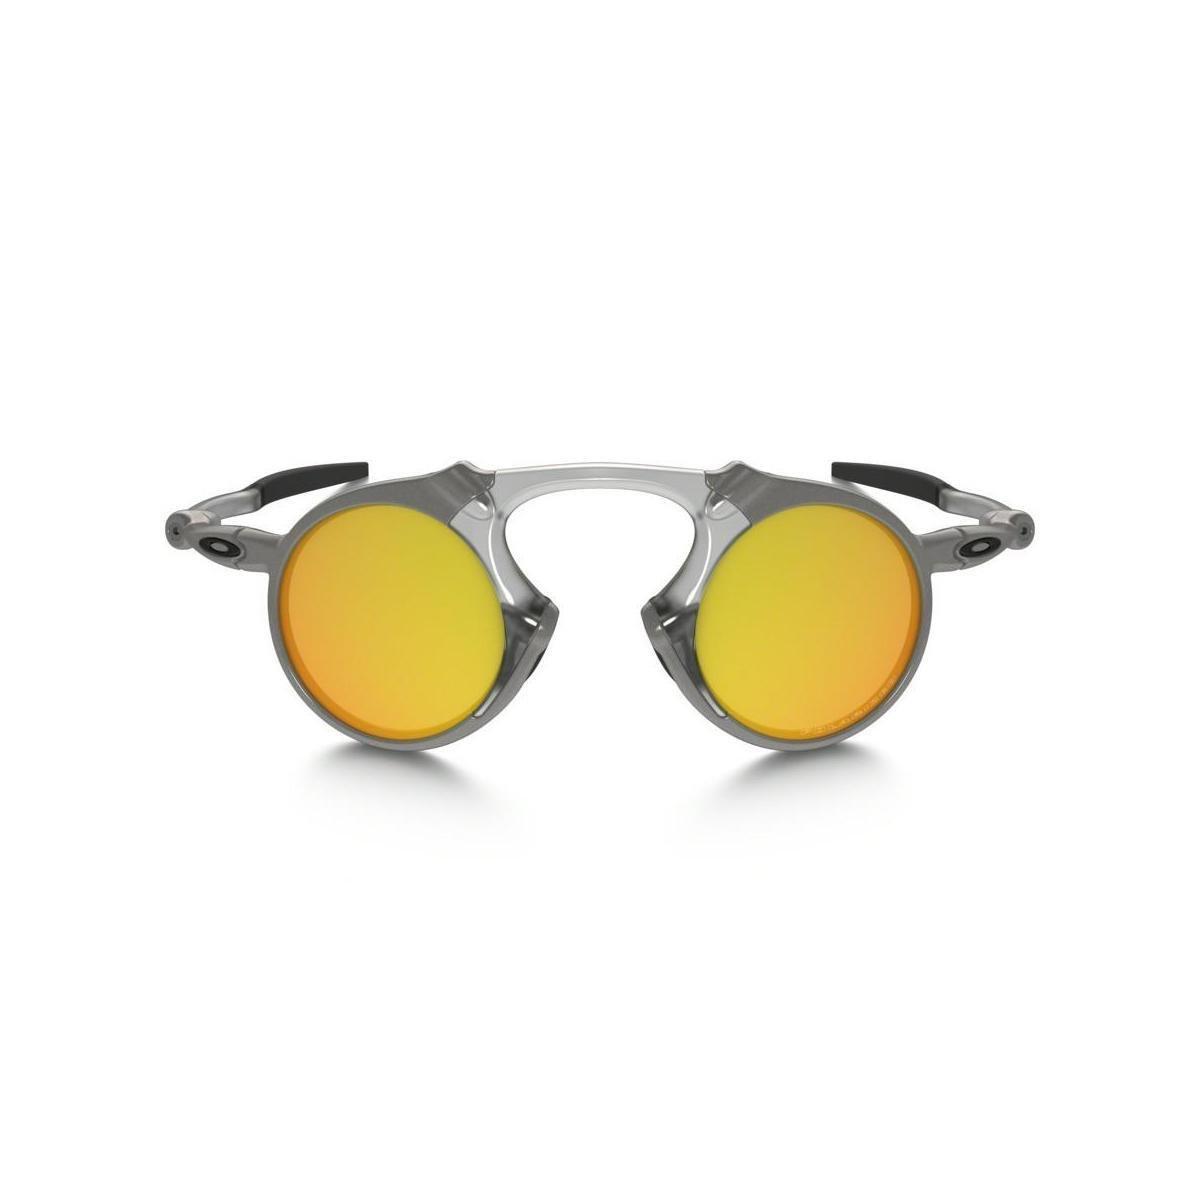 7dd7dc5d6b261 Óculos Oakley Holbrook - Amarelo - Compre Agora   Netshoes